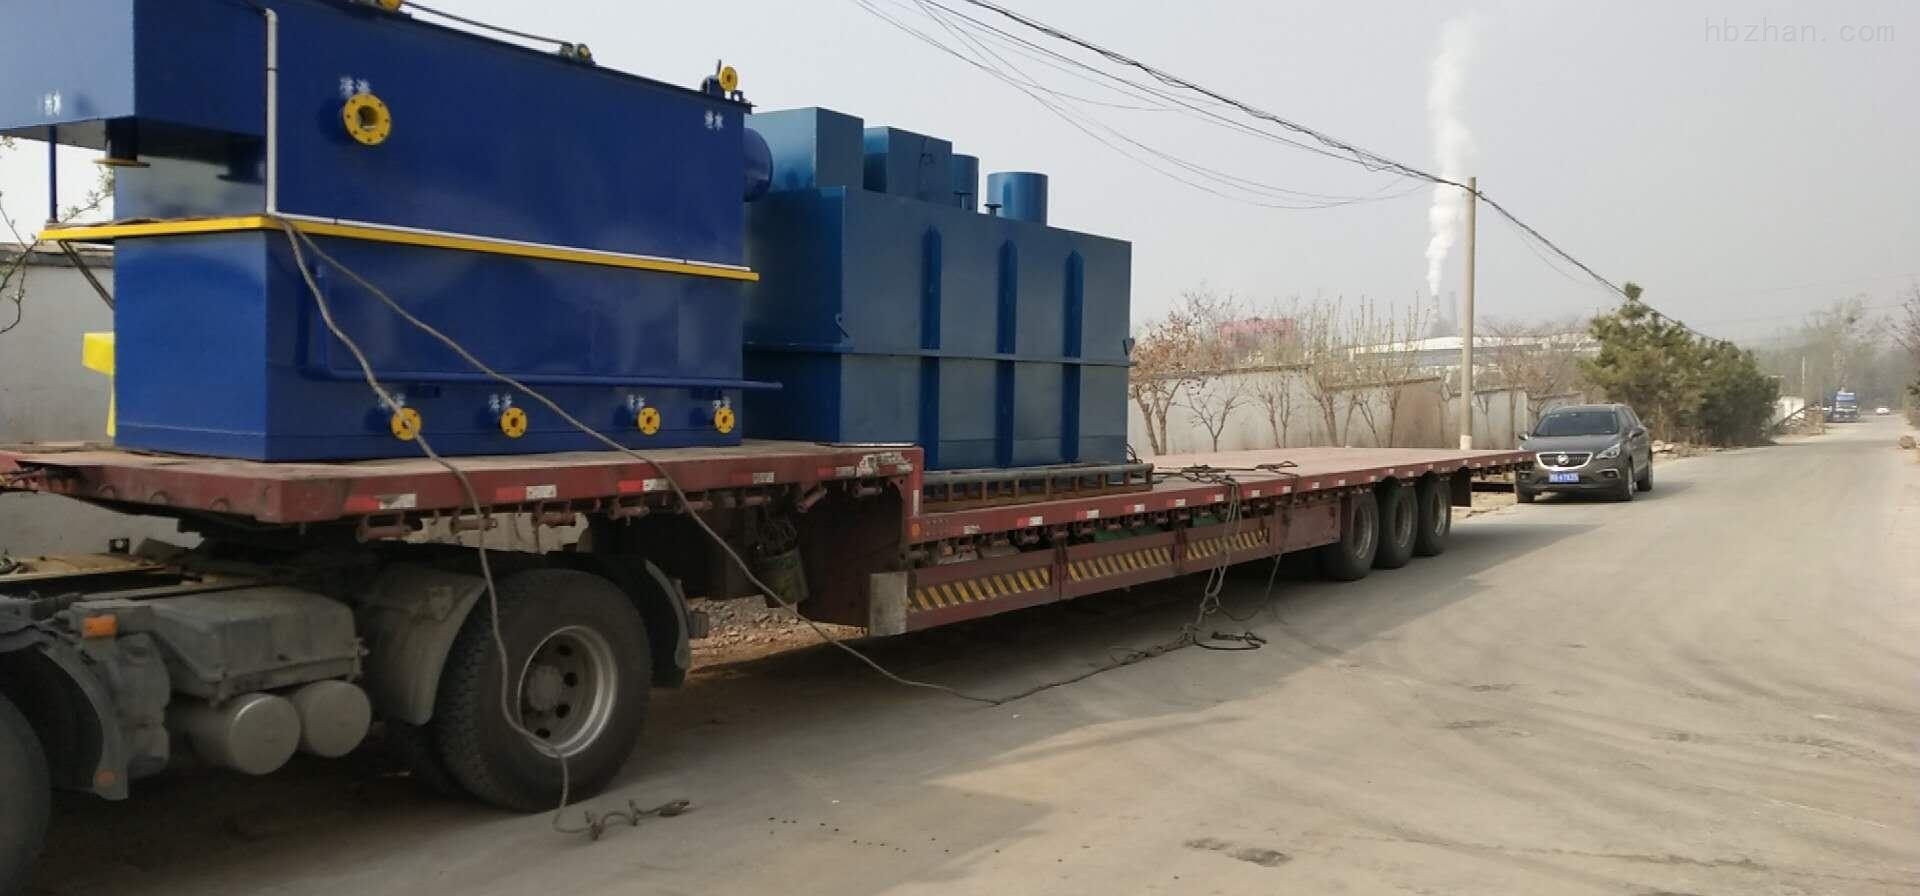 湘潭门诊污水处理设备广盛源厂家价格